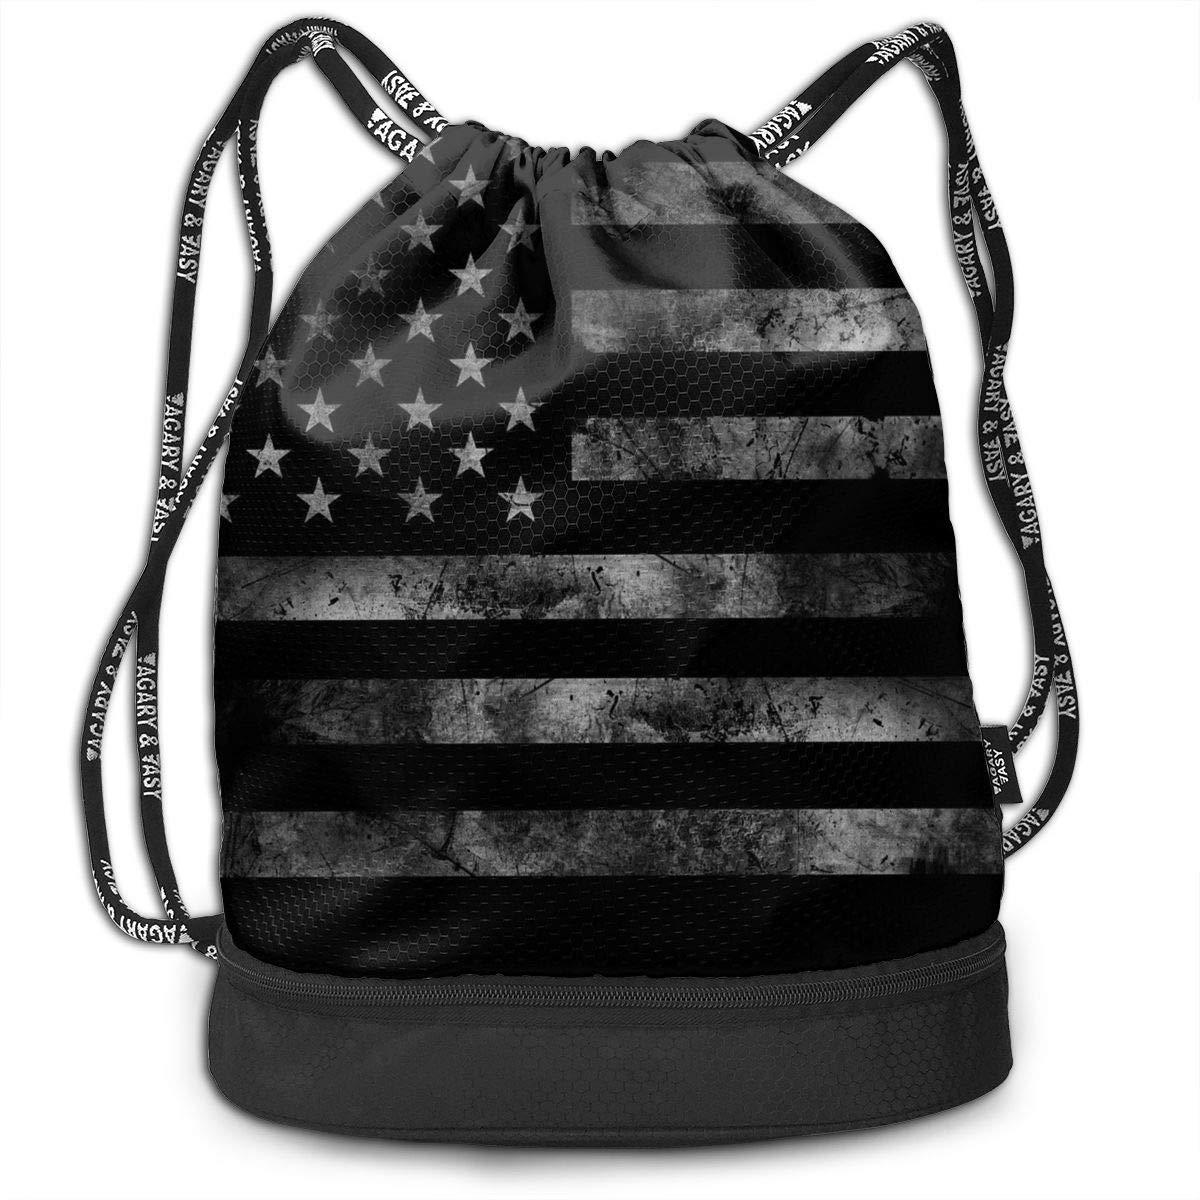 GRACE- Z America アメリカ国旗 レトロ ジム ドローストリング スポーツバッグ シンプル 速乾 バンドル バックパック B07N646DC1